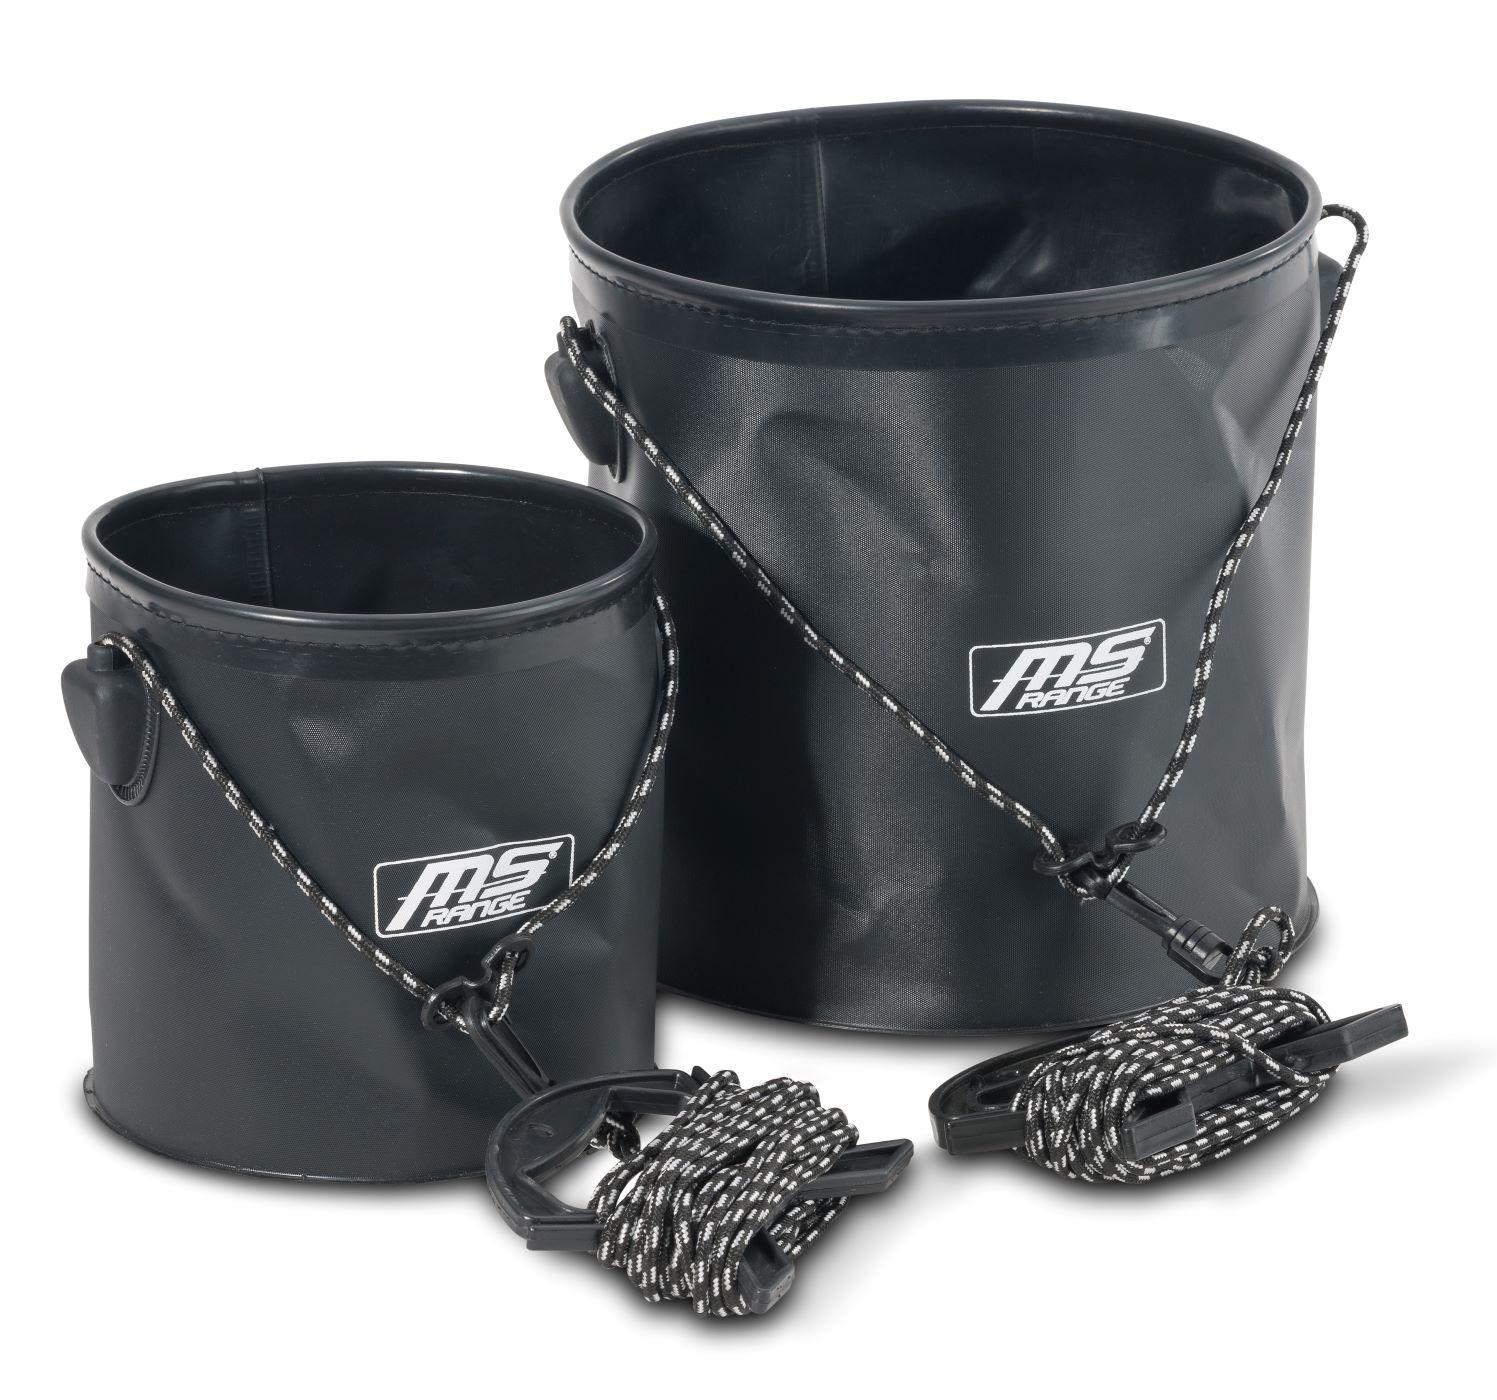 MS Range skládací kbelík na vodu velikost L